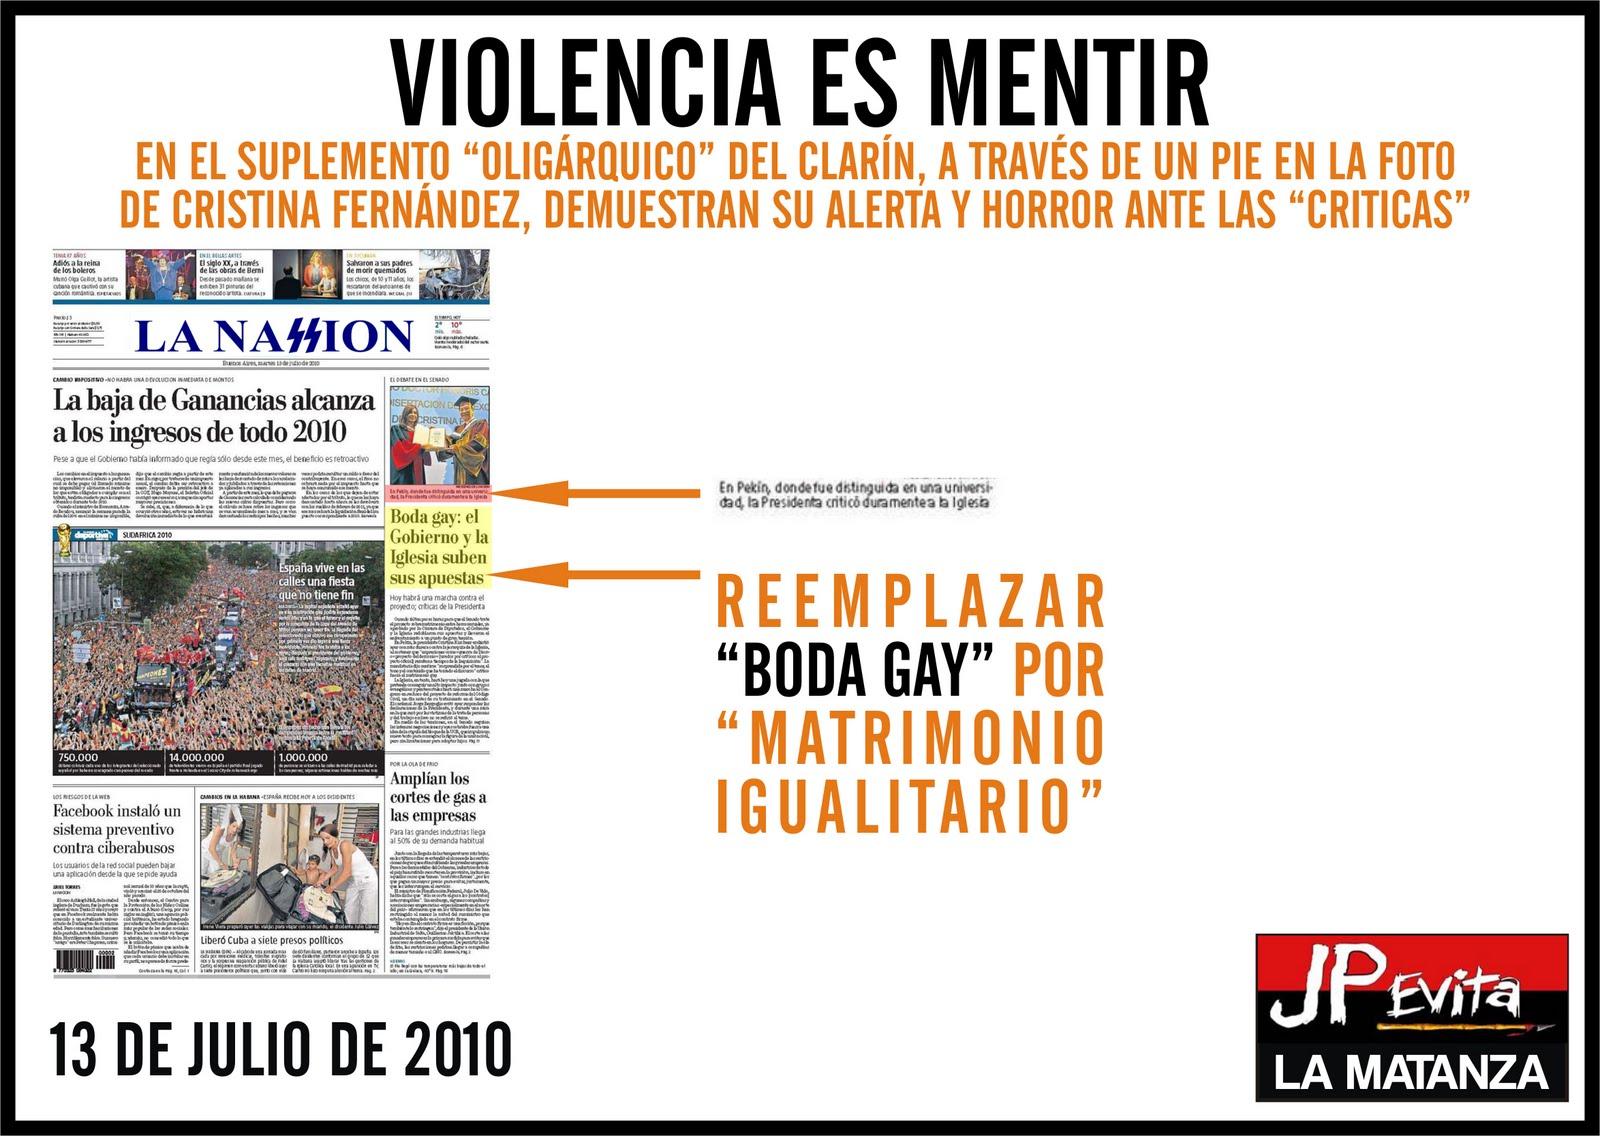 07/01/2010 - 08/01/2010 | JP EVITA La Matanza